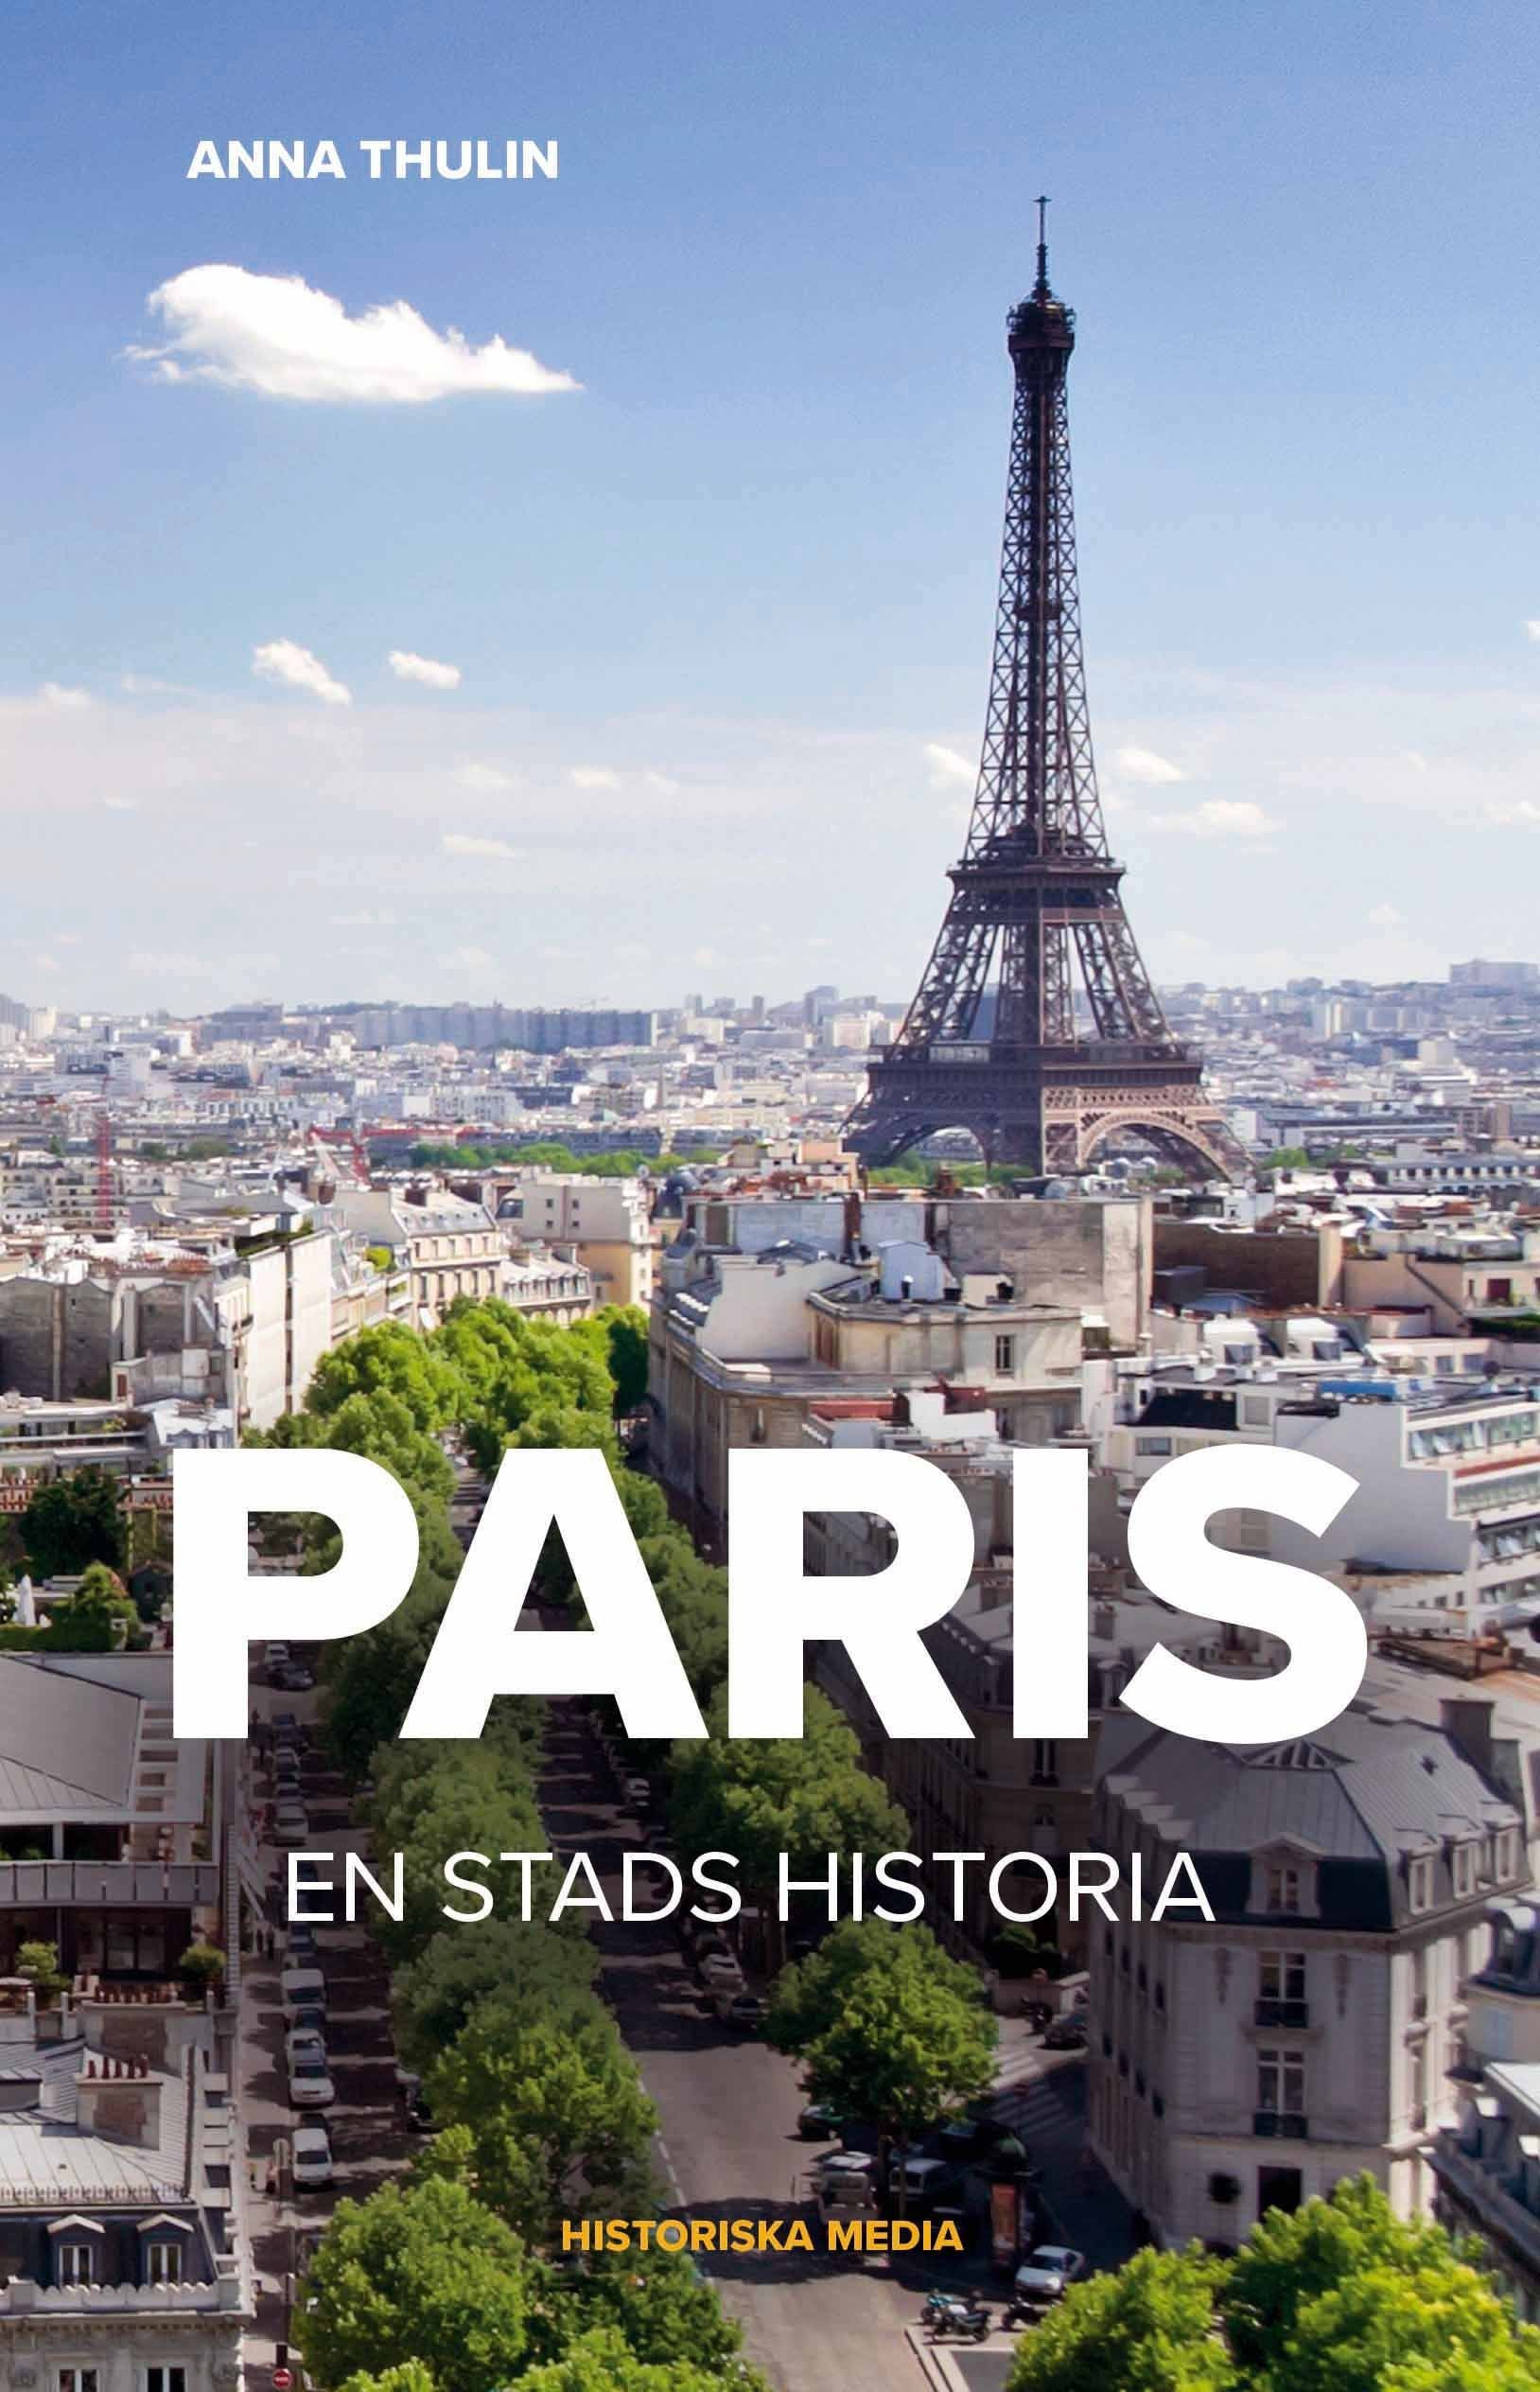 Paris: en stads historia  by  Anna Thulin